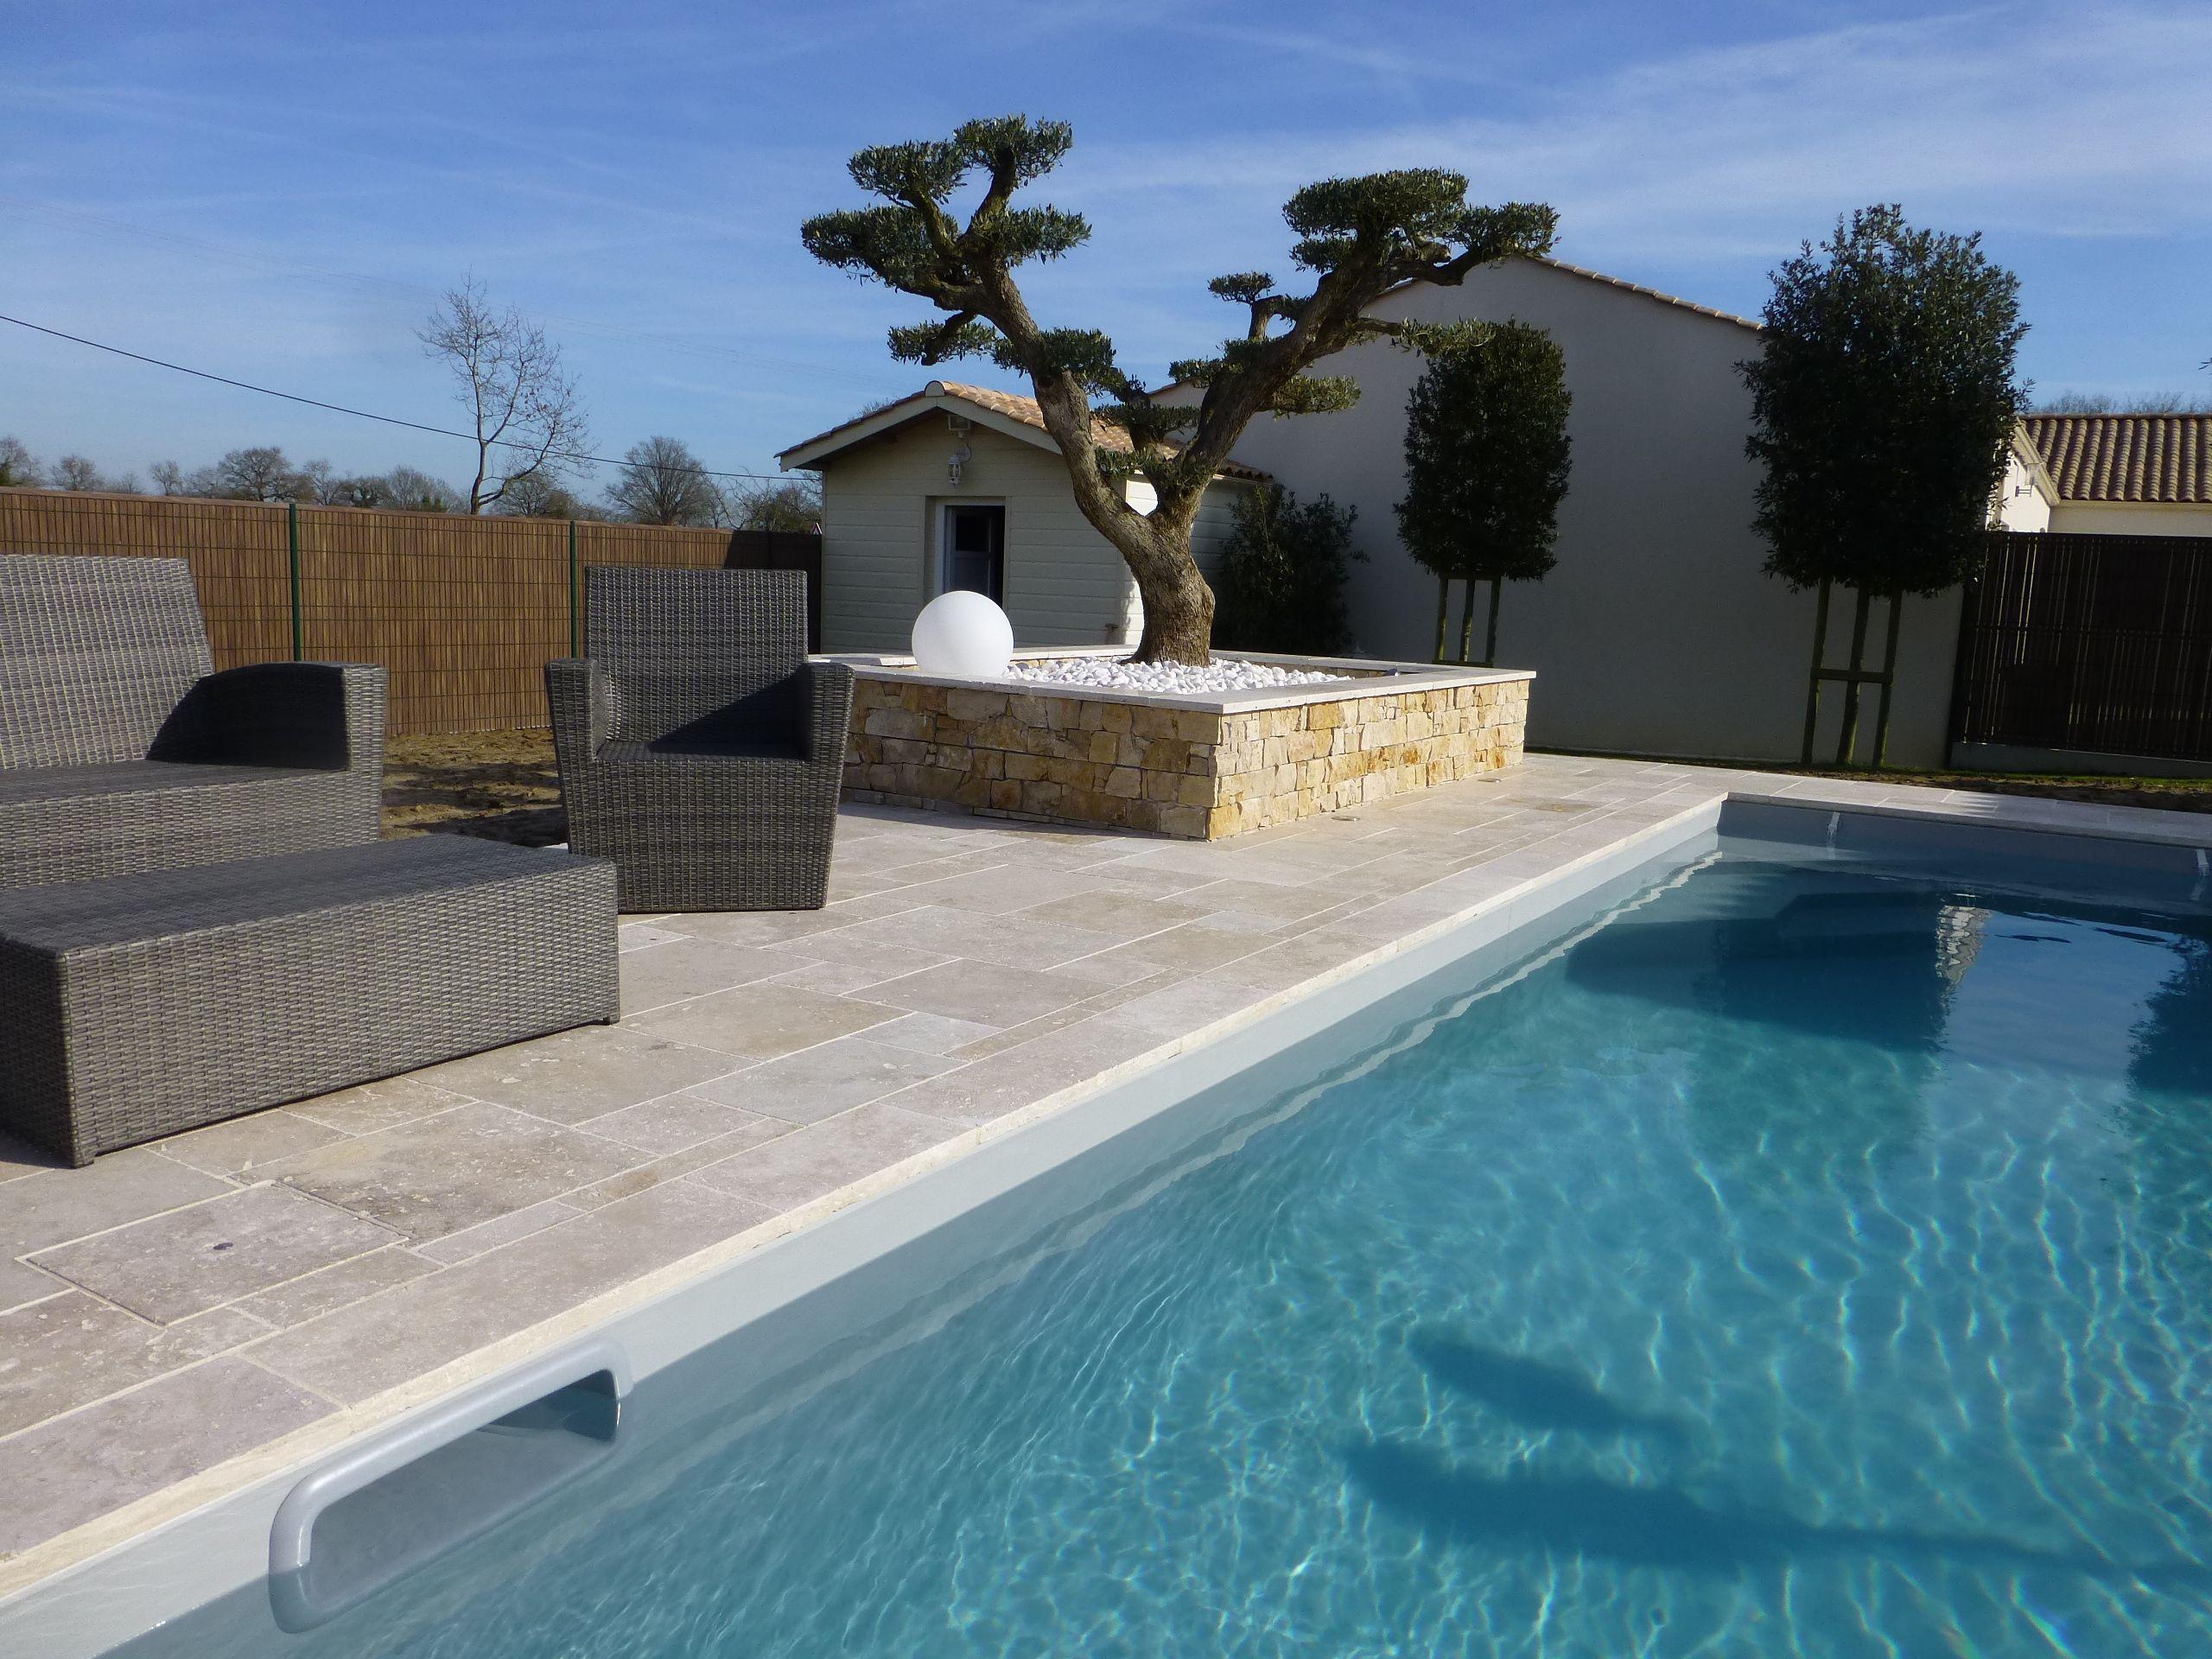 Am nagement de terrasse chic et minimaliste autour d 39 une - Amenagement autour d une piscine ...